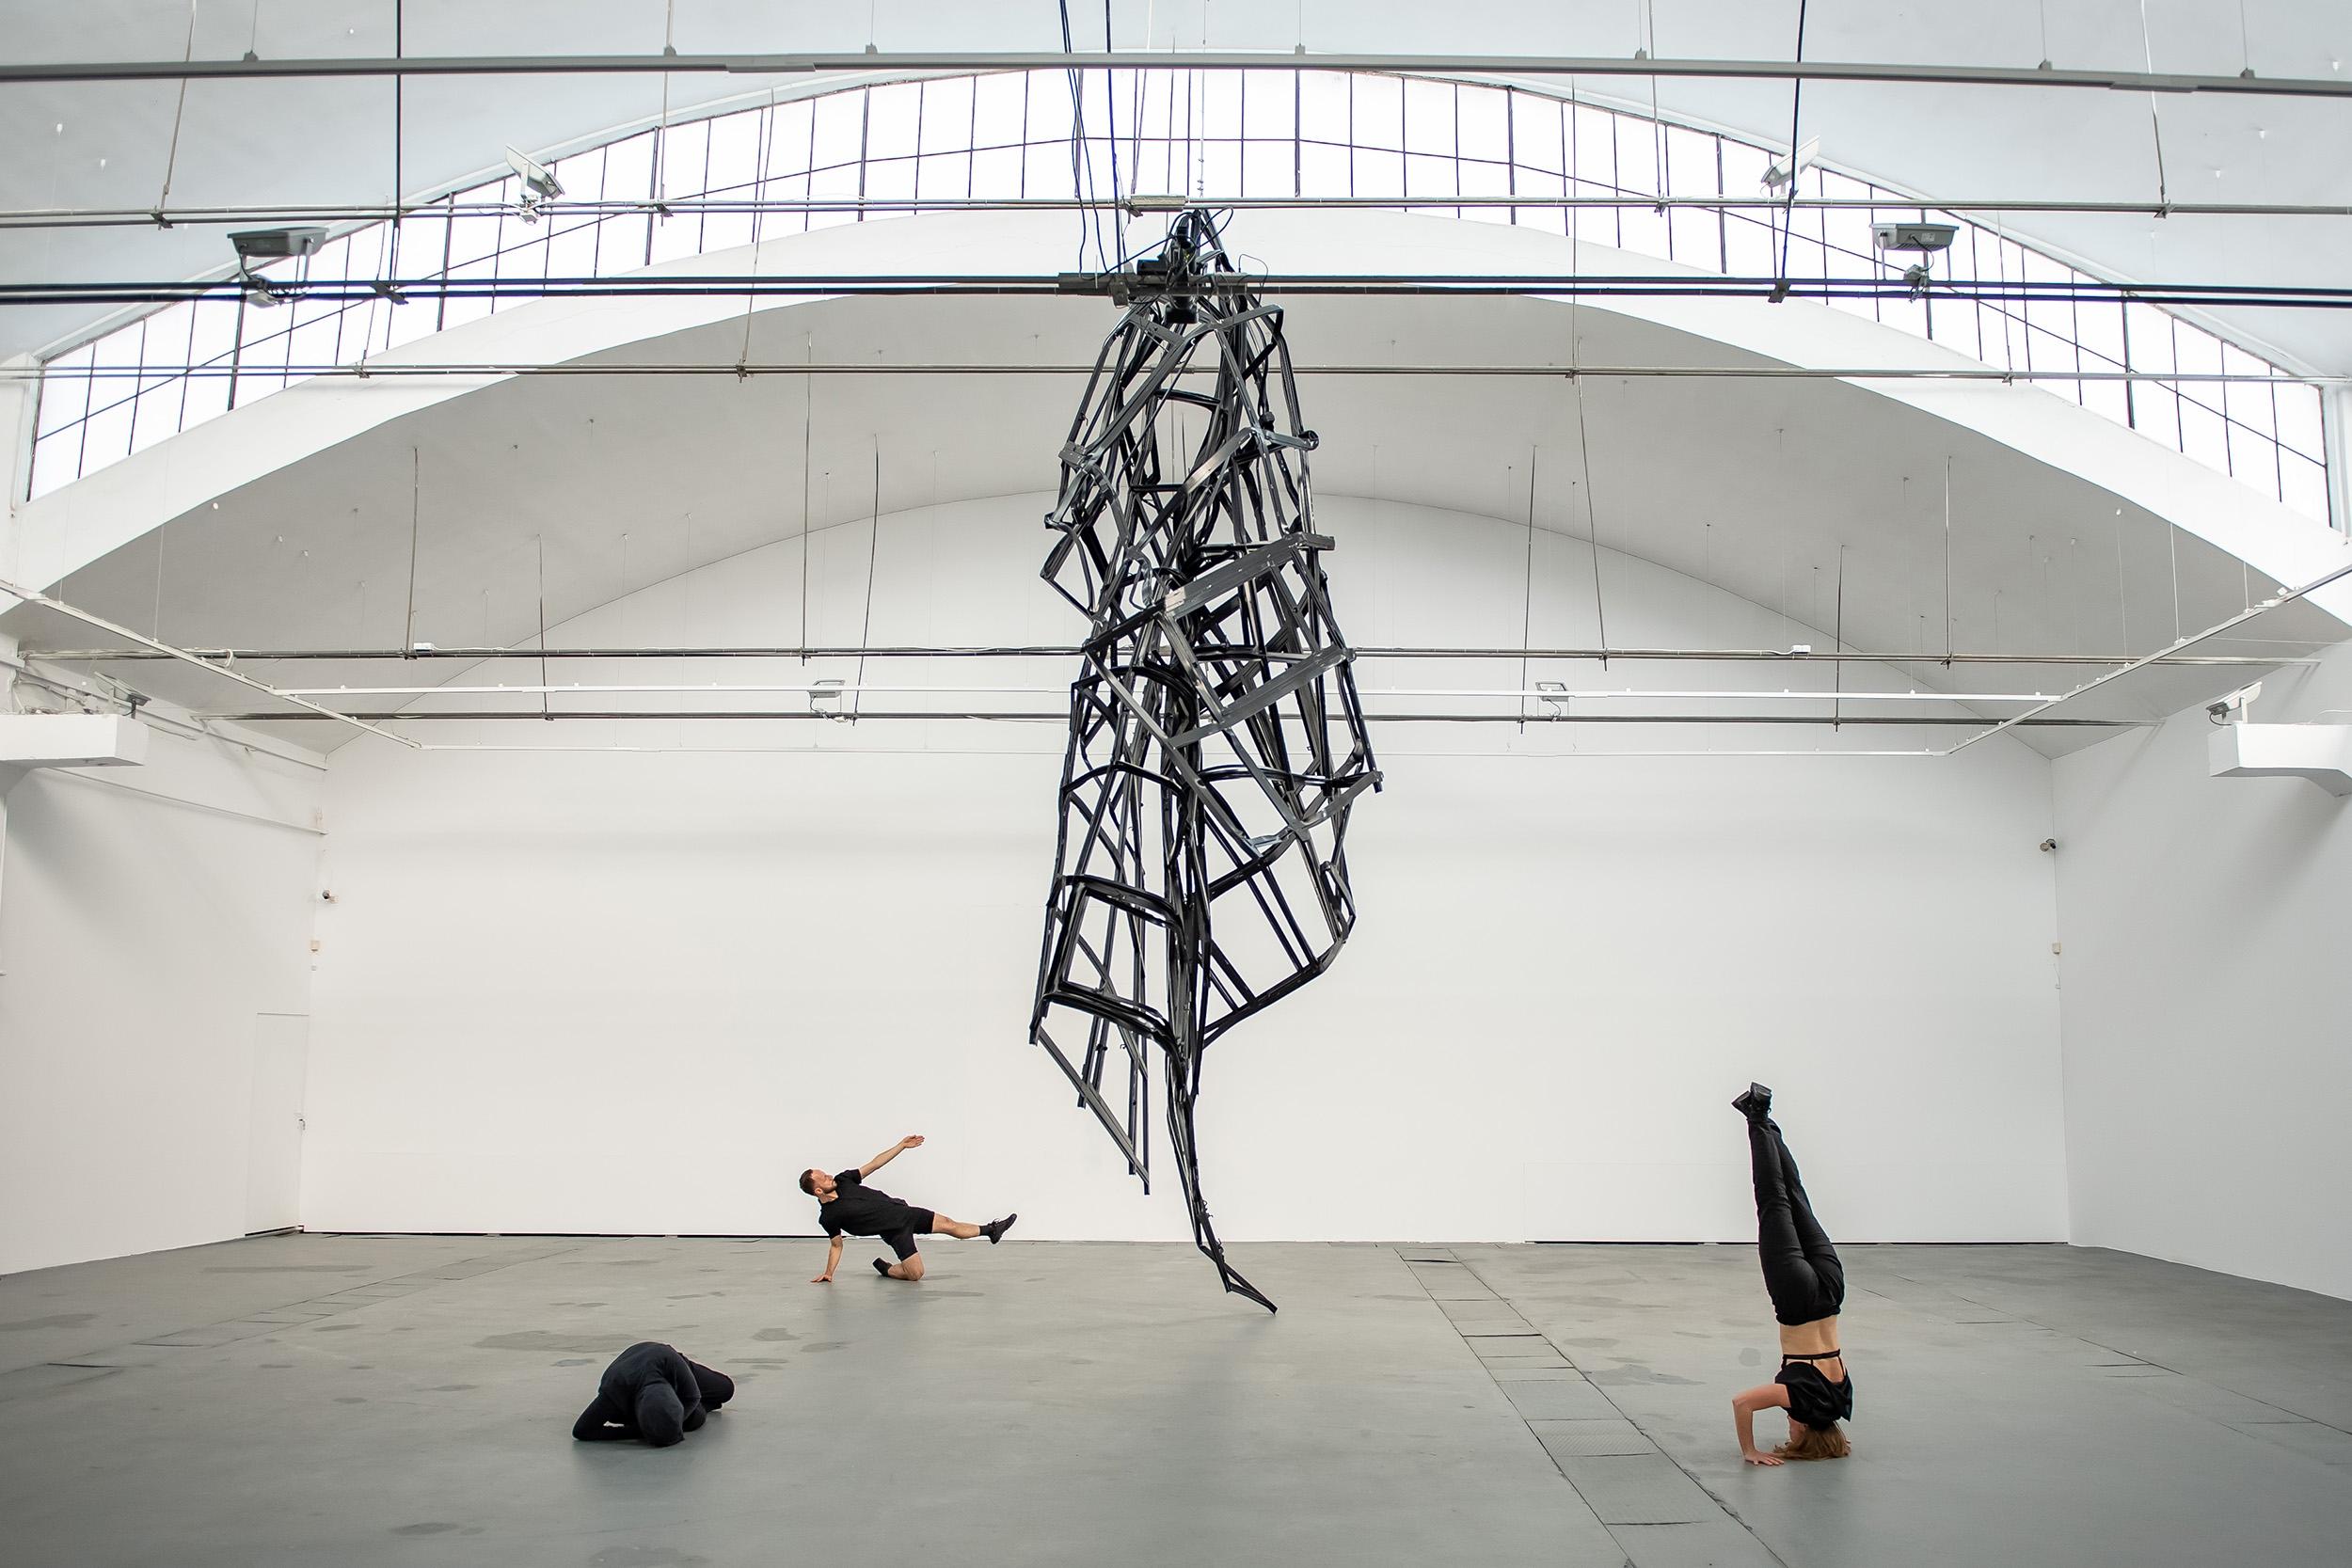 [EN/PL] 'Facade' by Monika Sosnowska at Galeria Labirynt